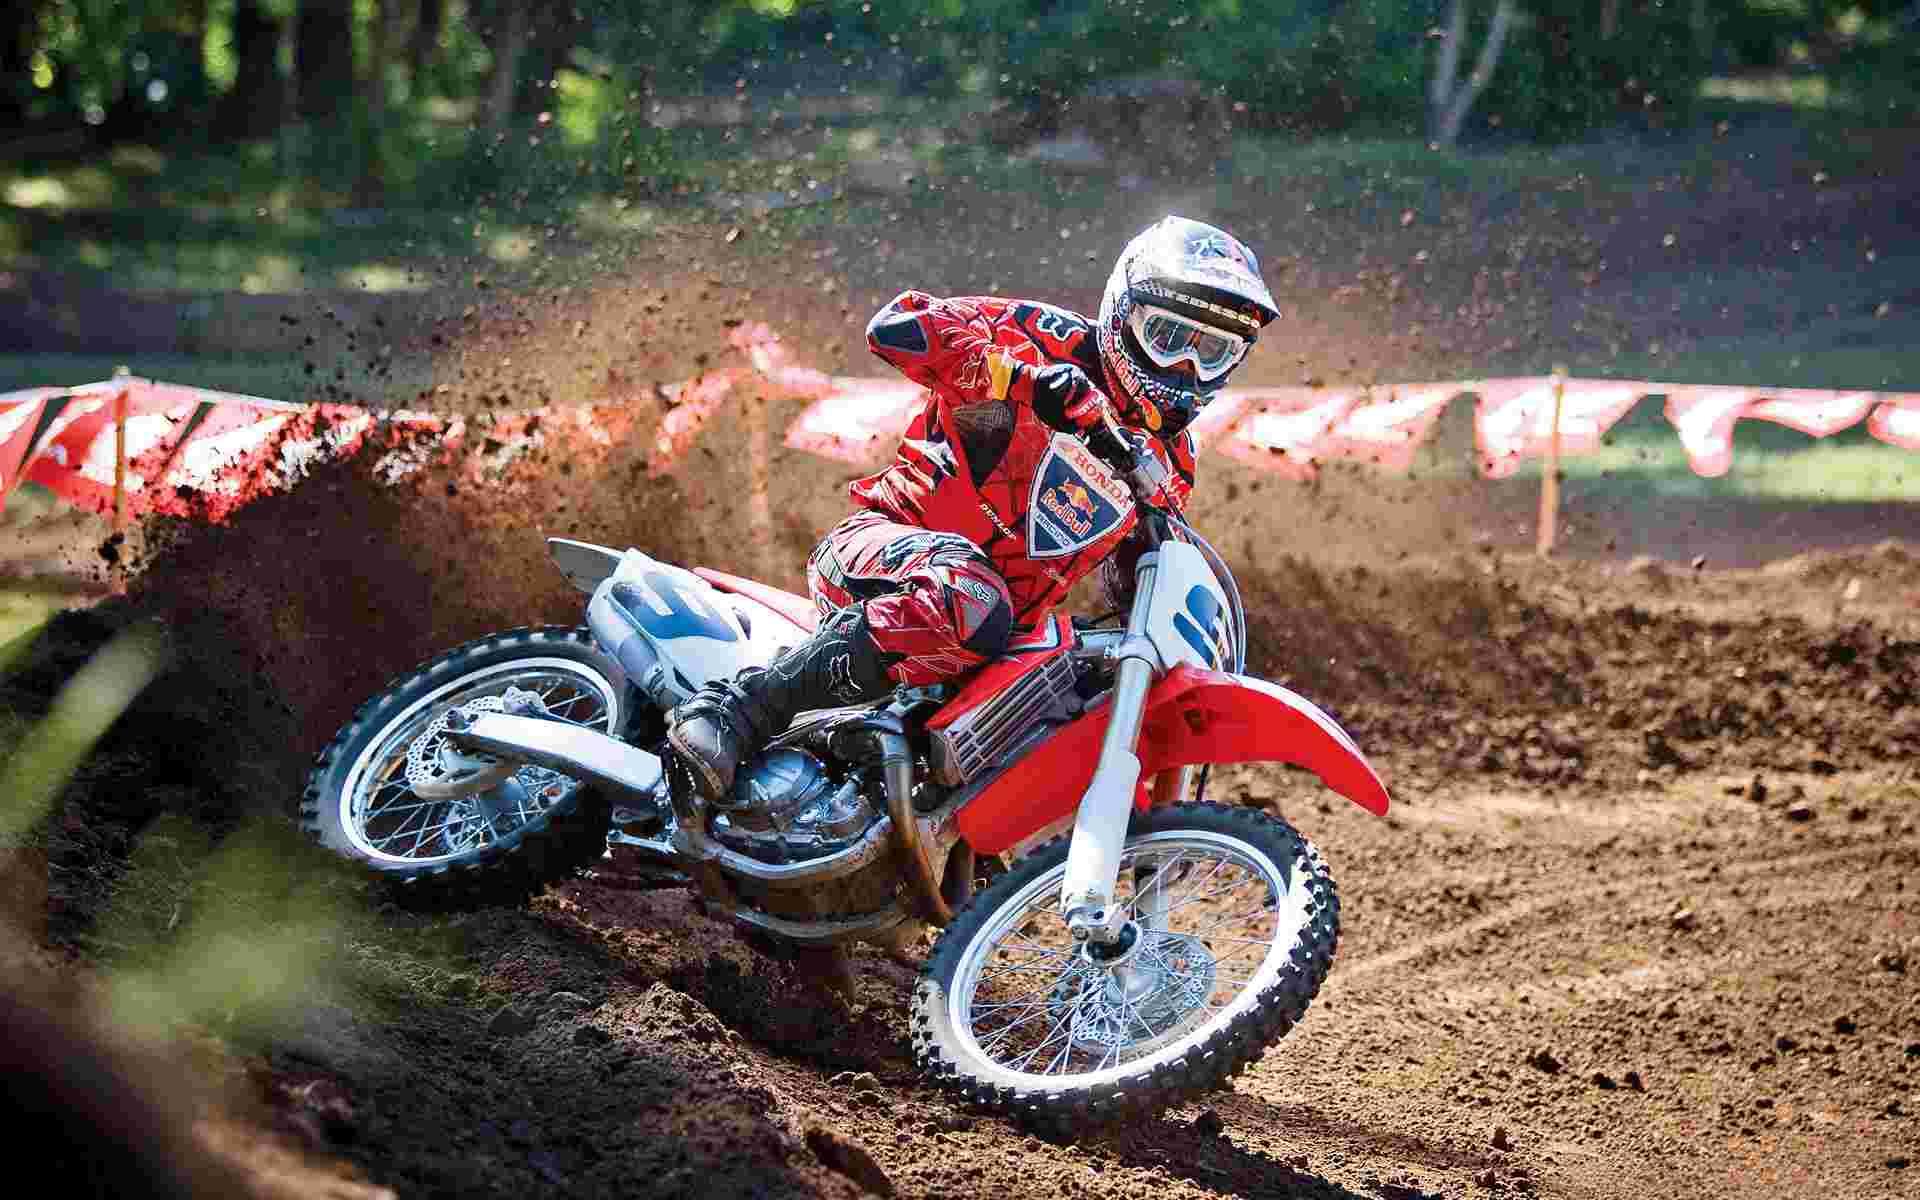 Motocross_motoshkola_moskva1